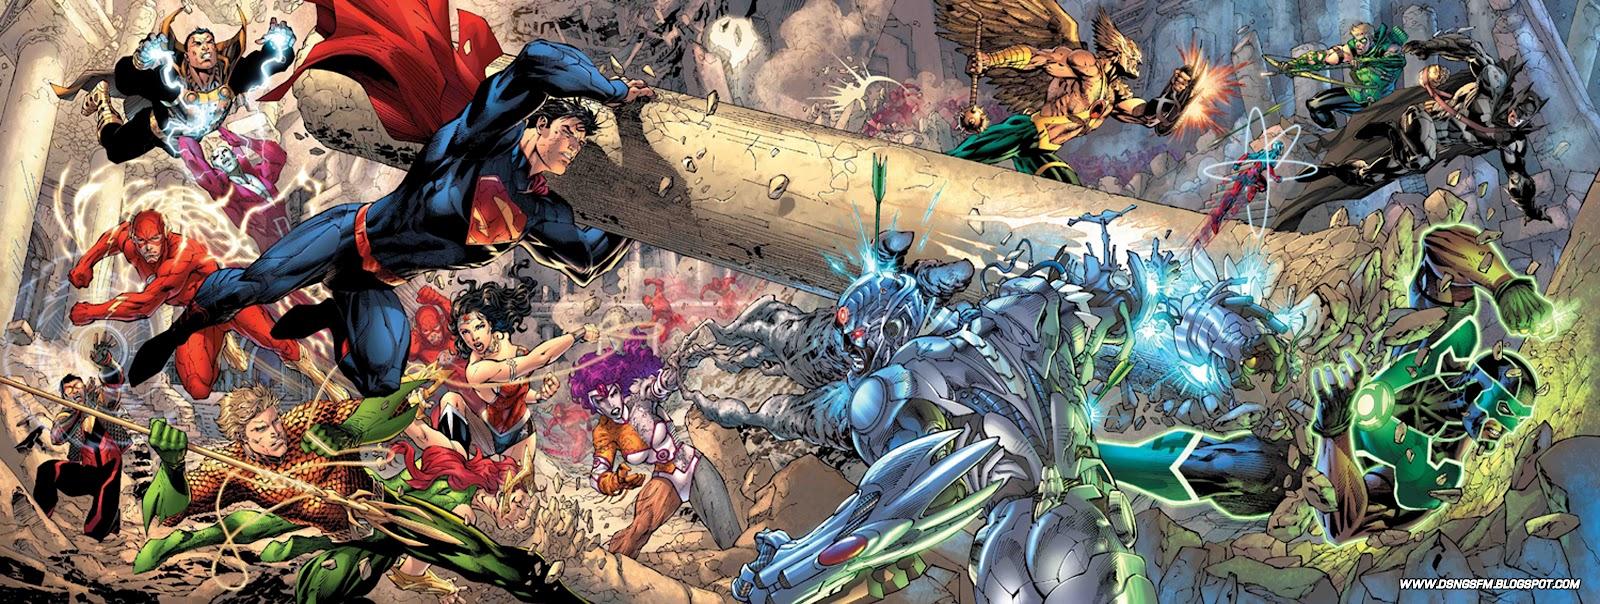 Dsng 39 s sci fi megaverse the best batman beyond cosplay - New 52 wallpaper ...